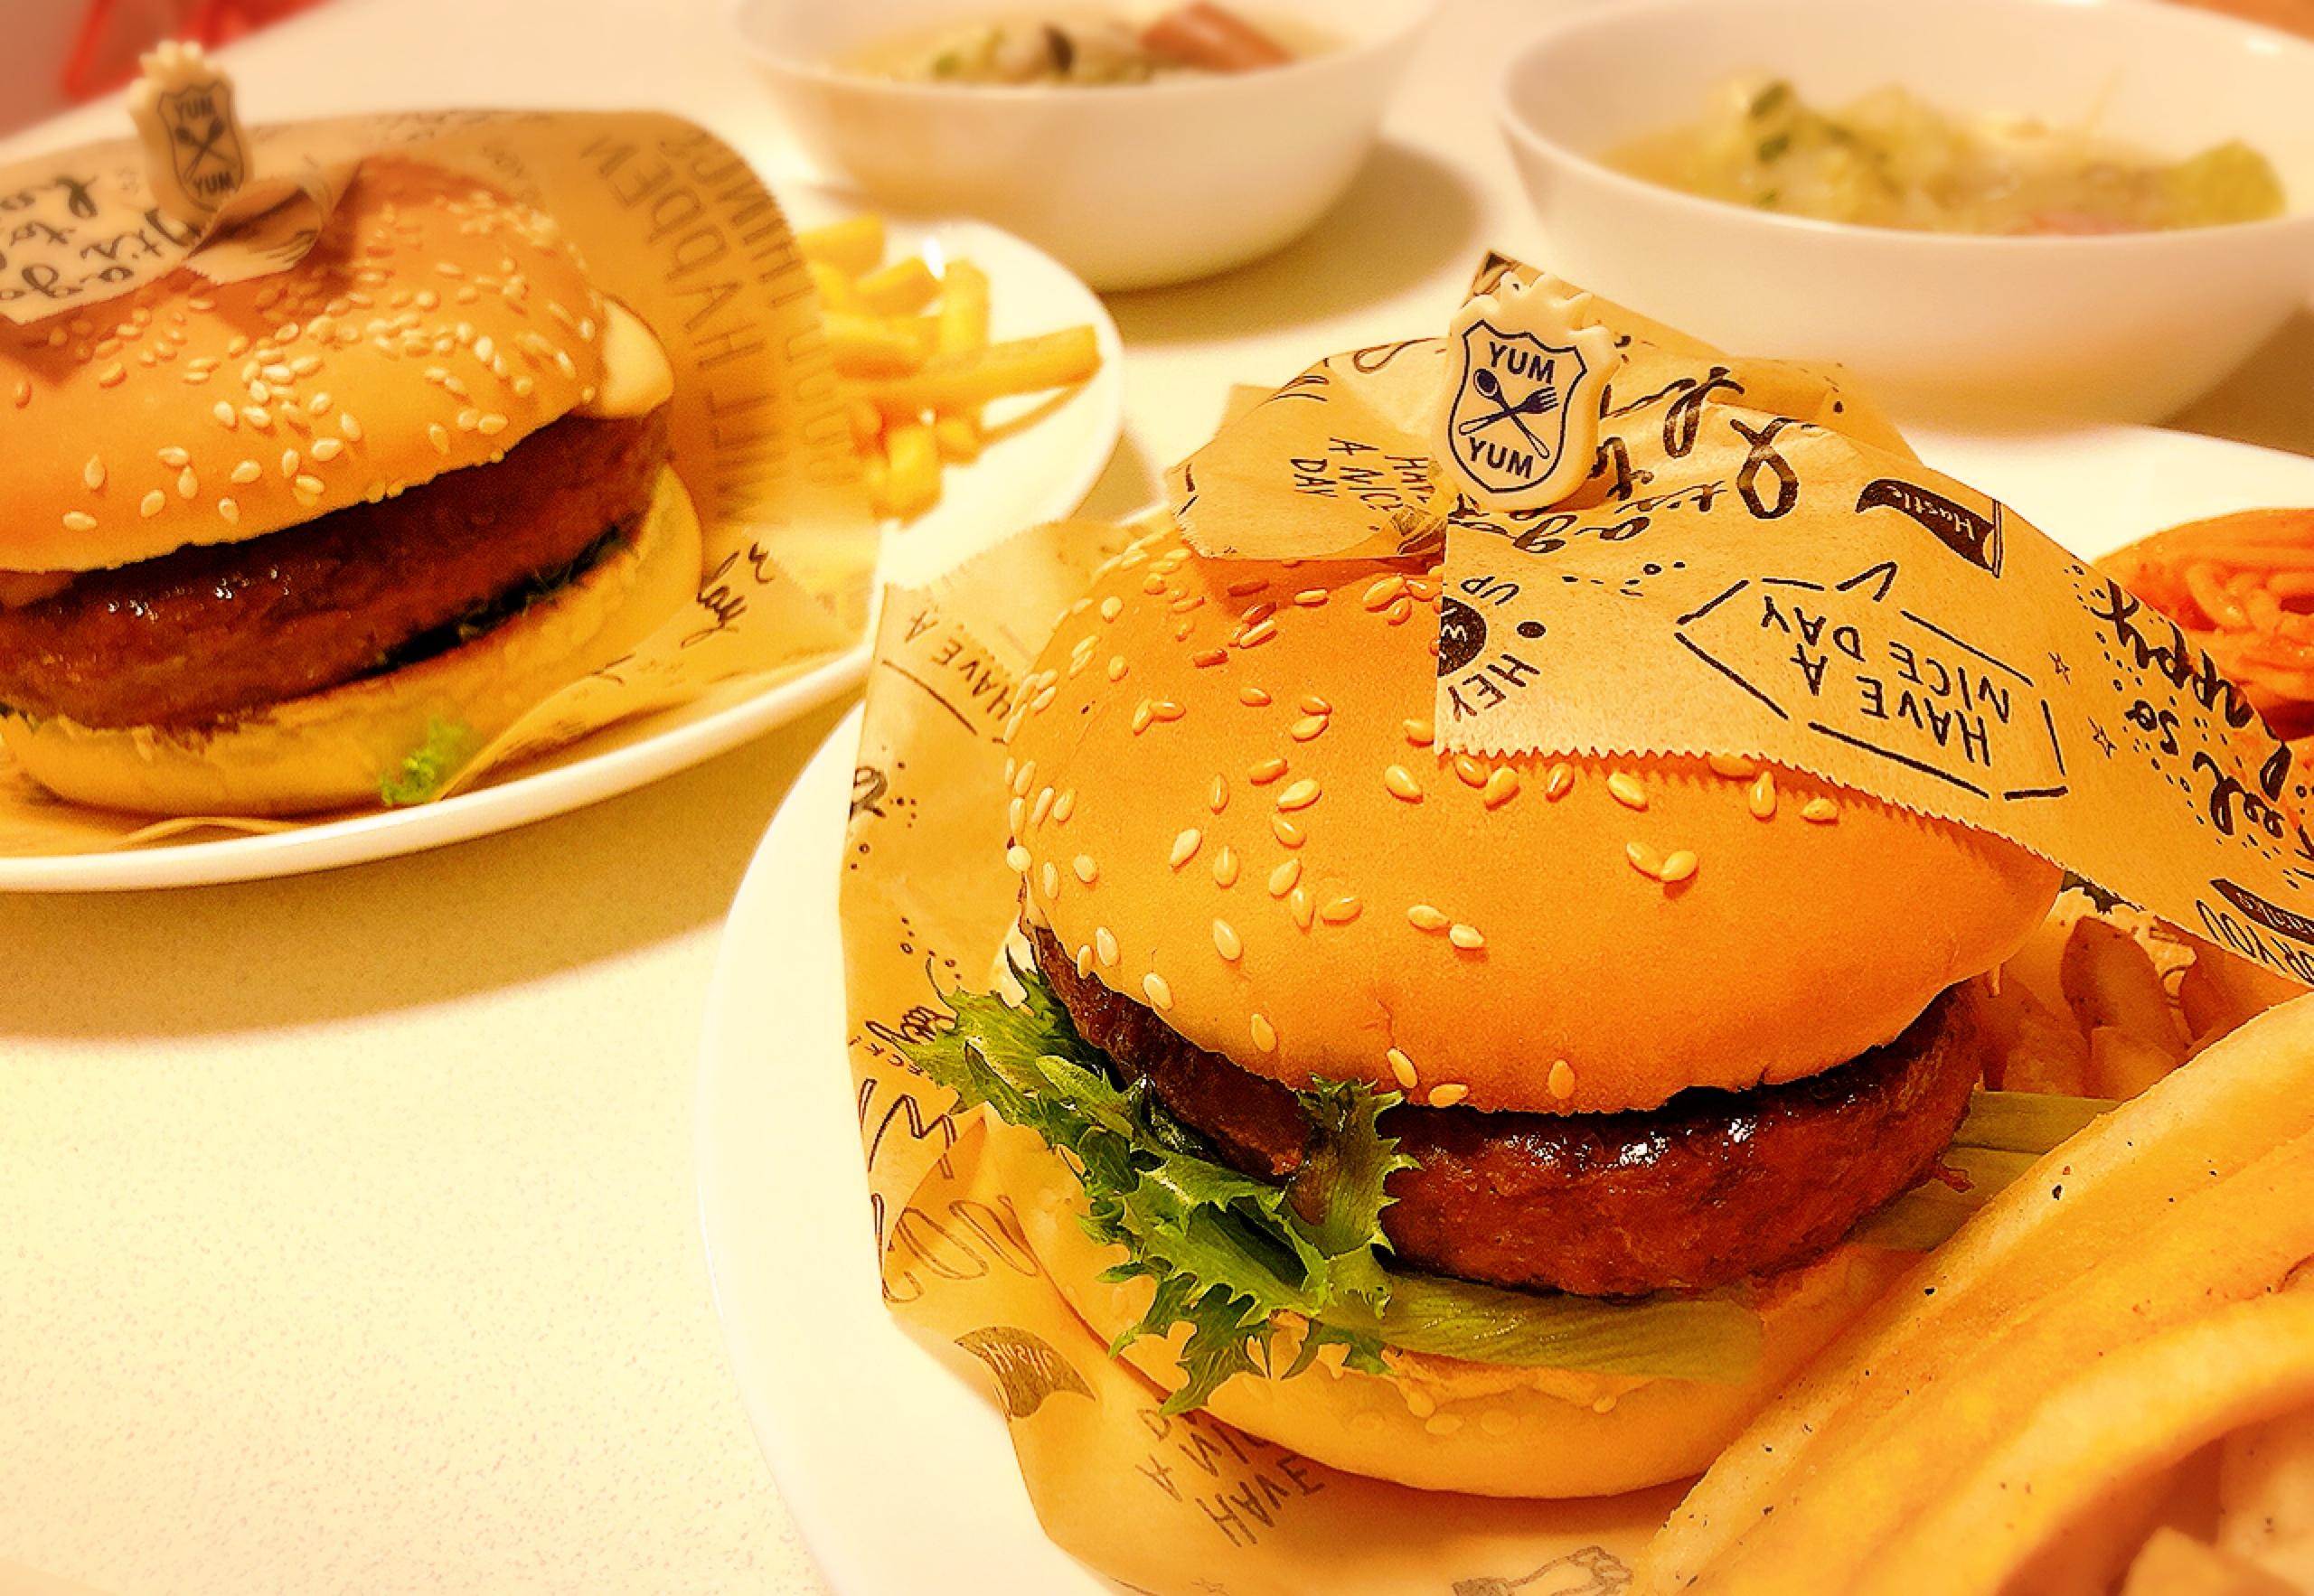 【おうちでハンバーガー】がっつり食べたい日はおうちで簡単テリヤキバーガー♩パーティーにも◎_3